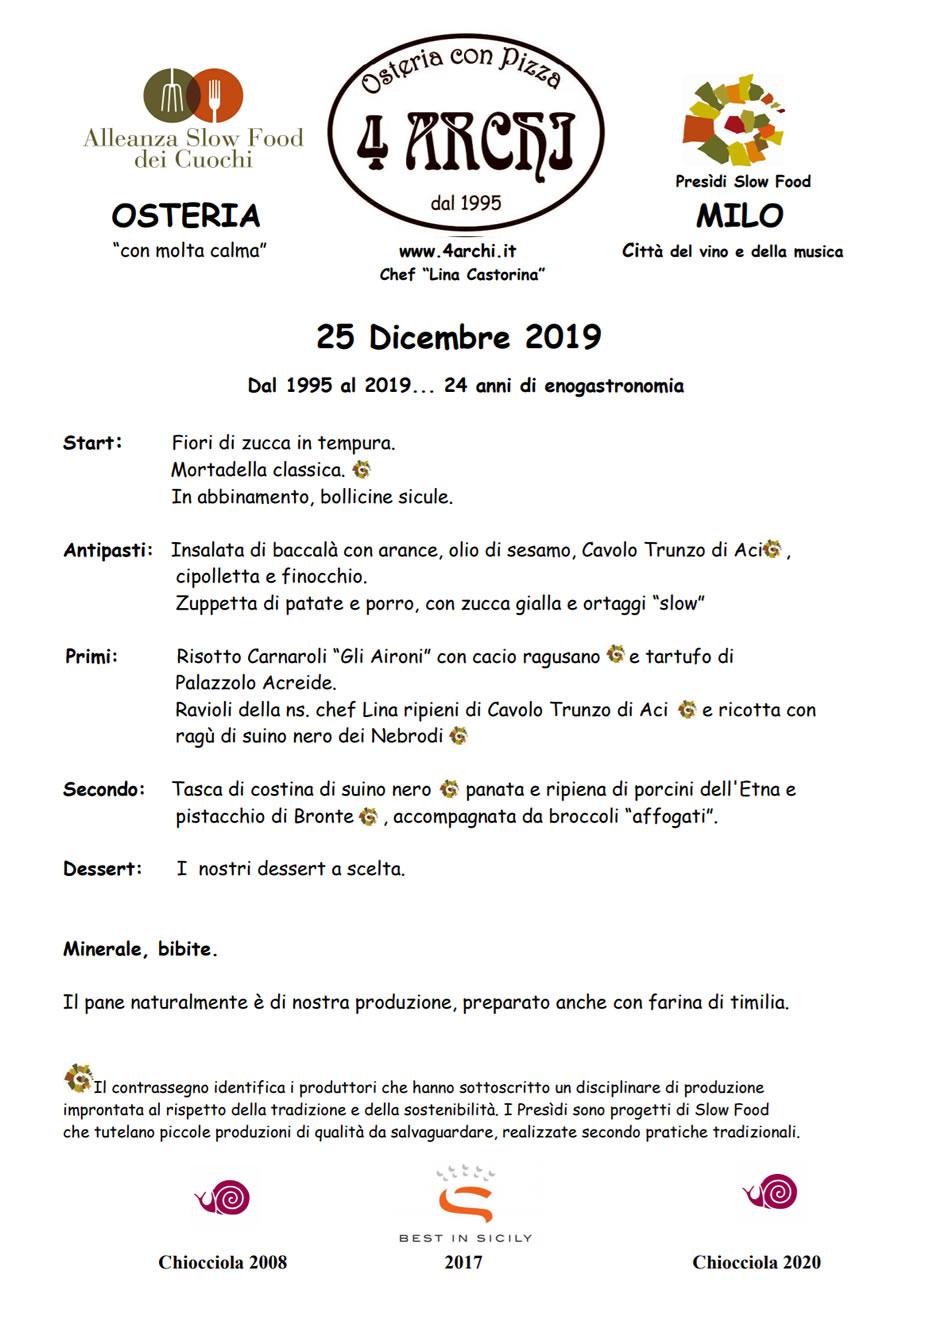 Il menù di Natale 2019